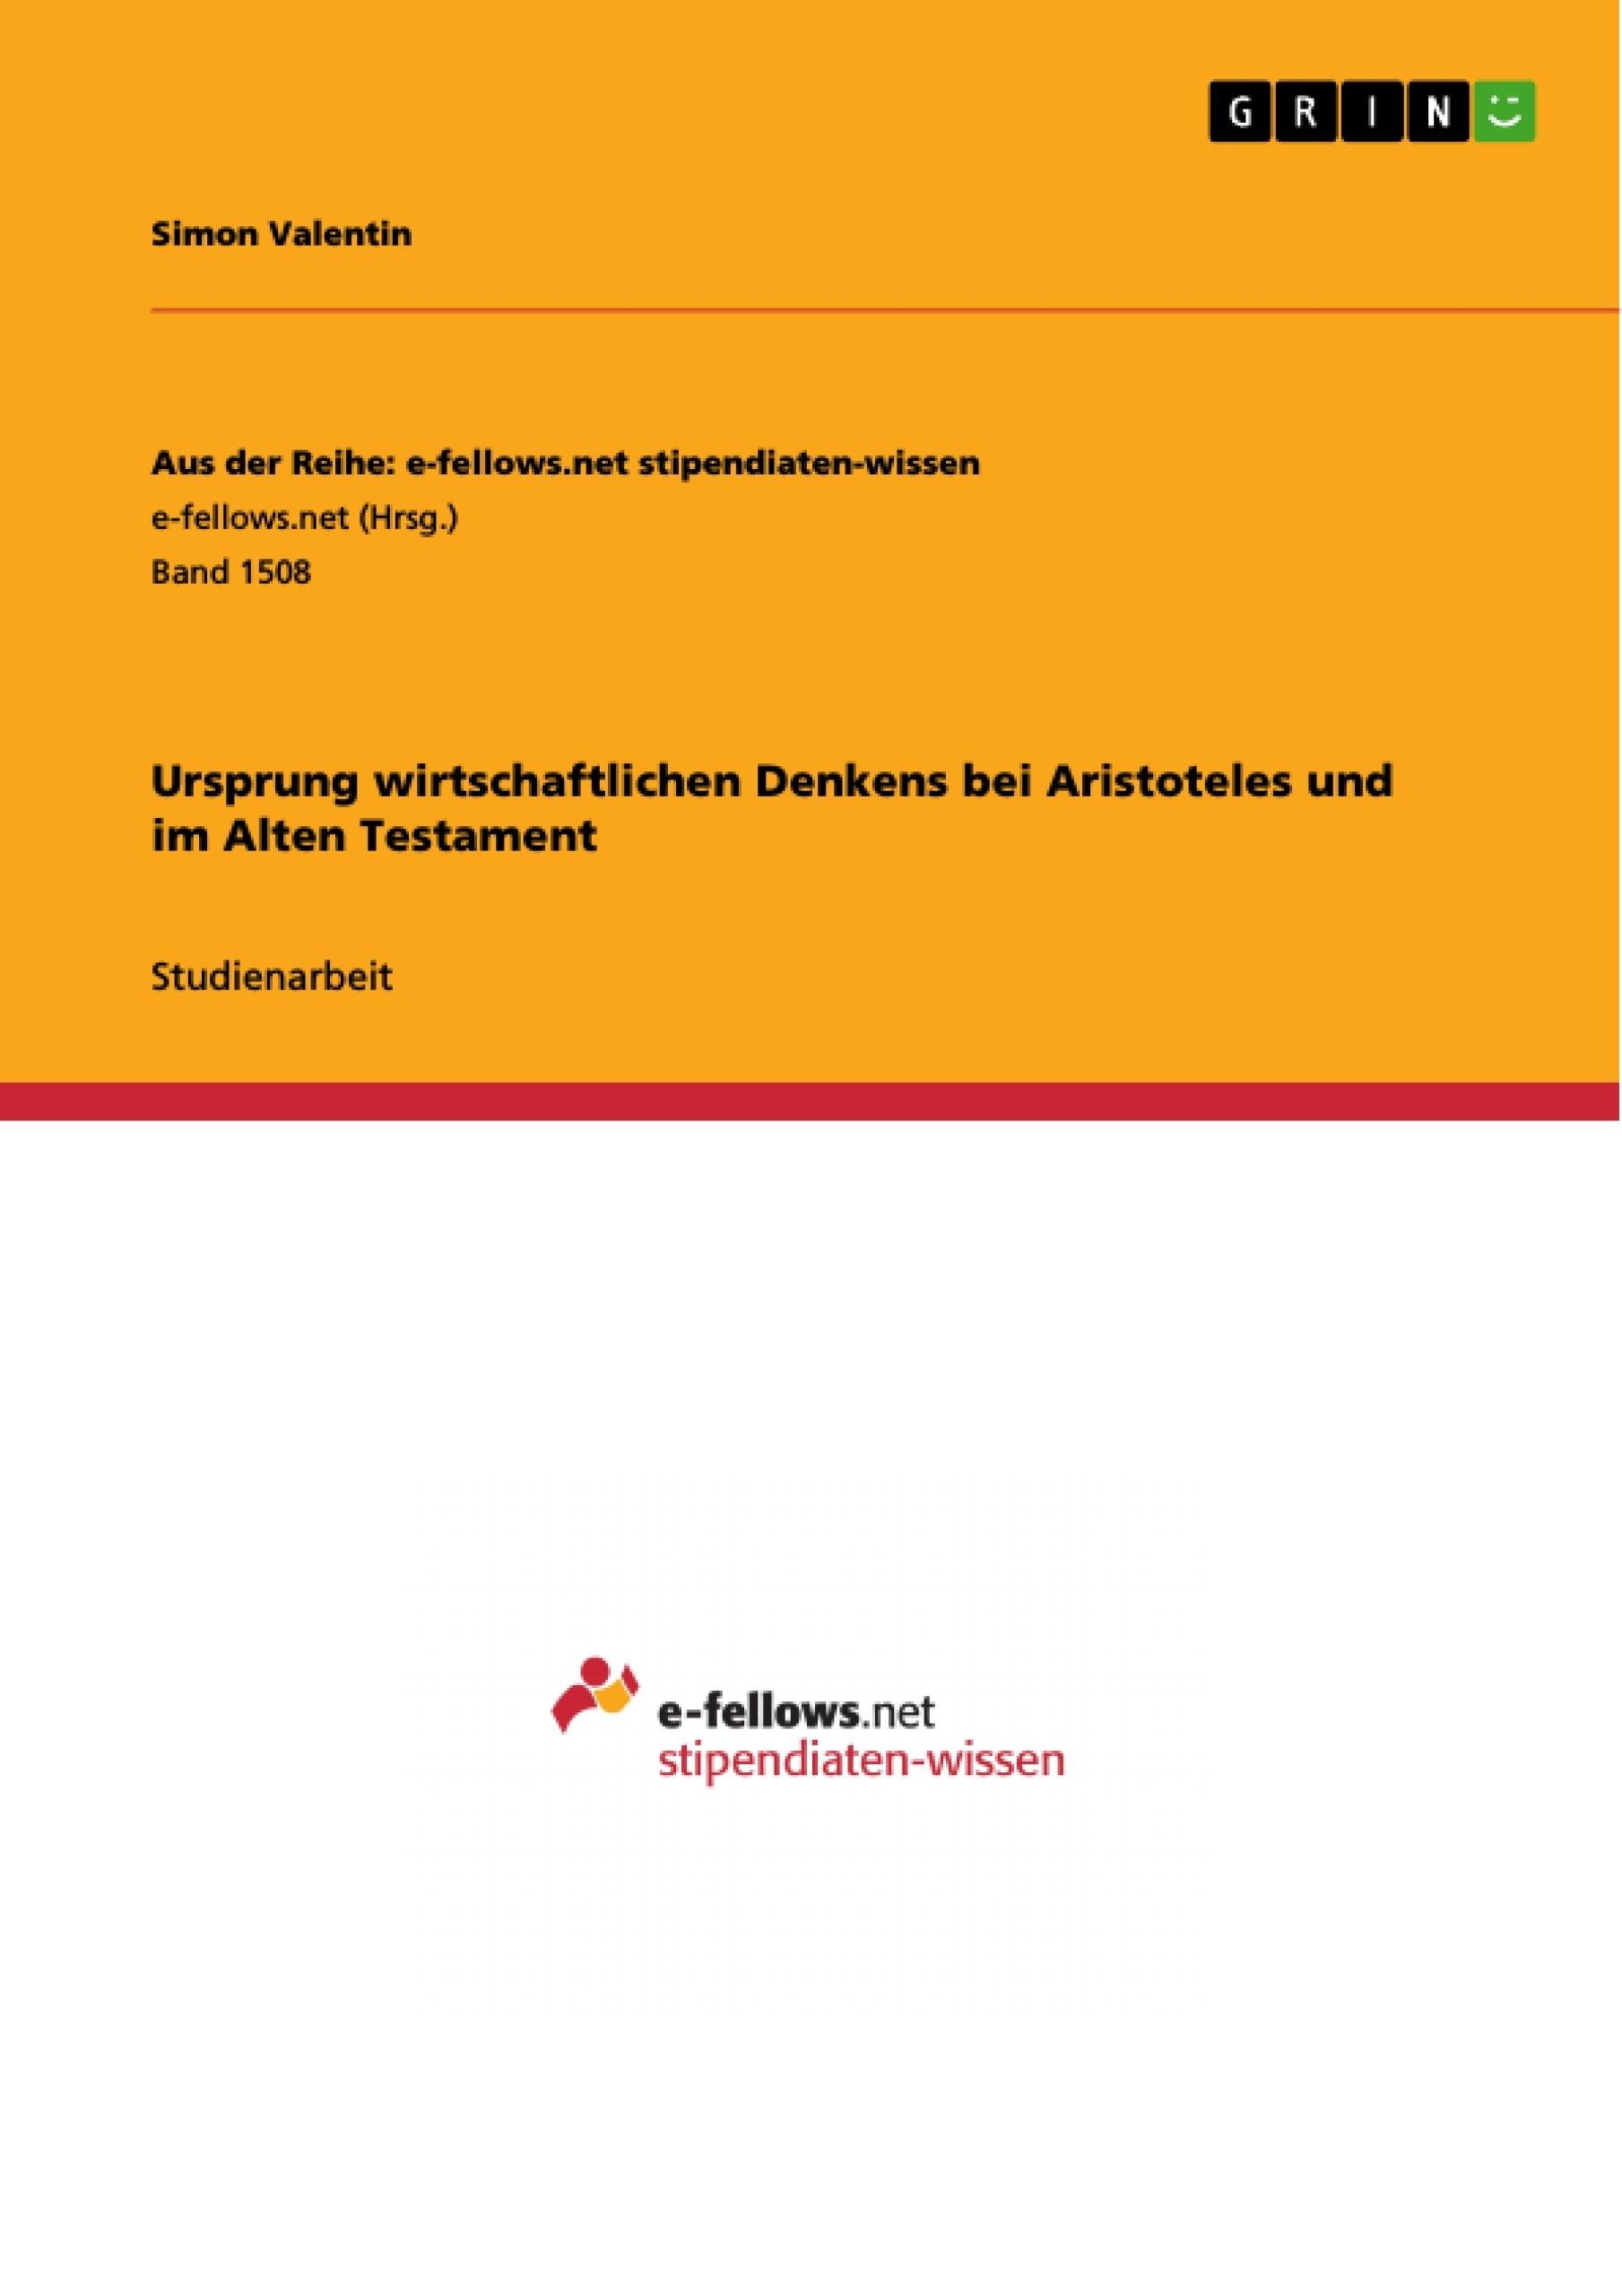 Titel: Ursprung wirtschaftlichen Denkens bei Aristoteles und im Alten Testament